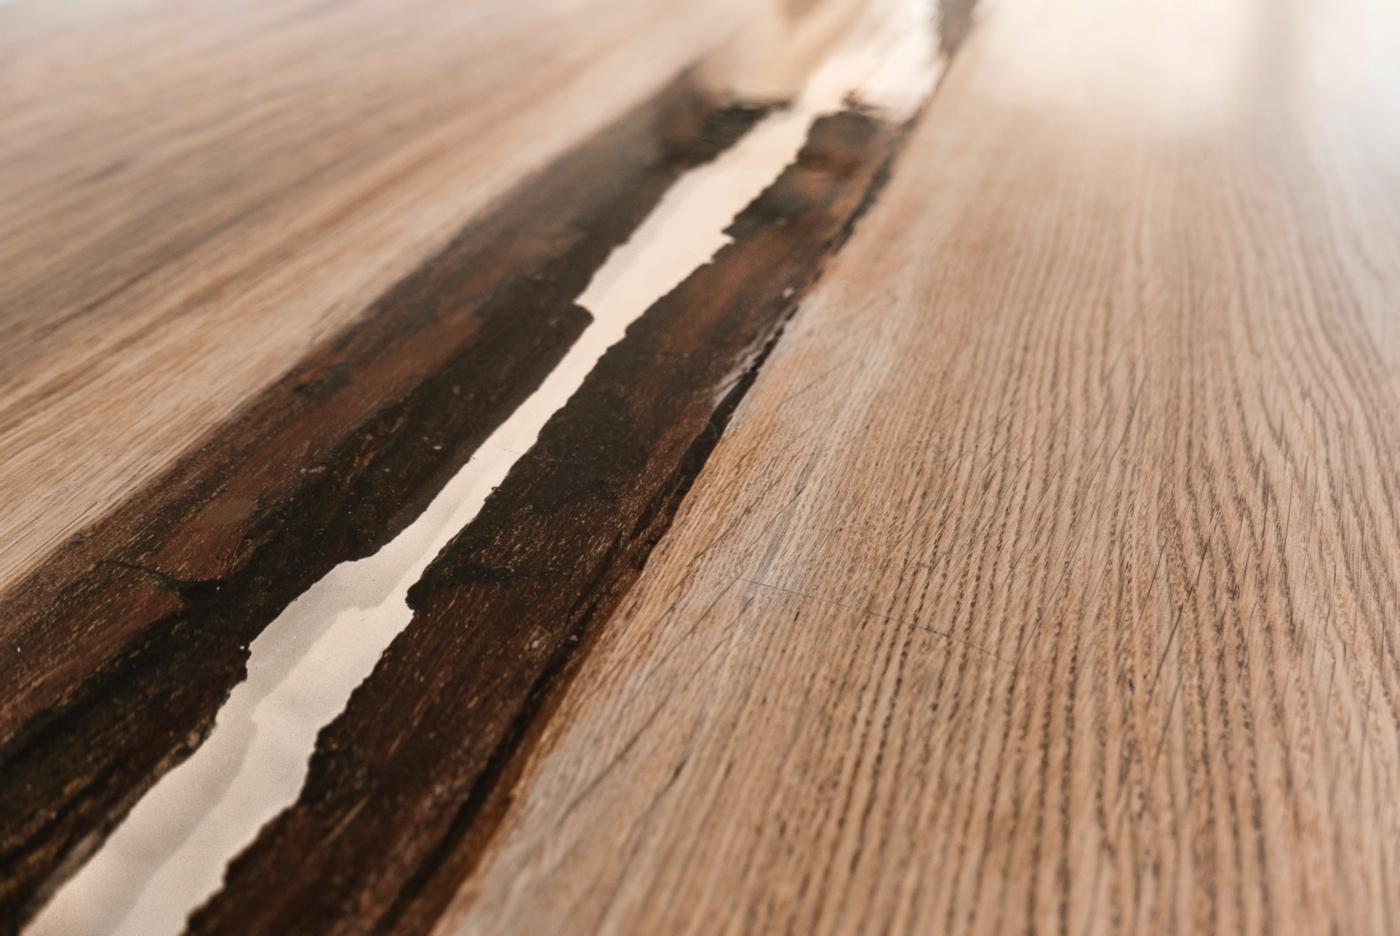 Un tavolo di design in rovere massiccio e resina, poetico e evocativo come un viaggio. Dettaglio della fascia centrale del tavolo | Bottega di Architettura